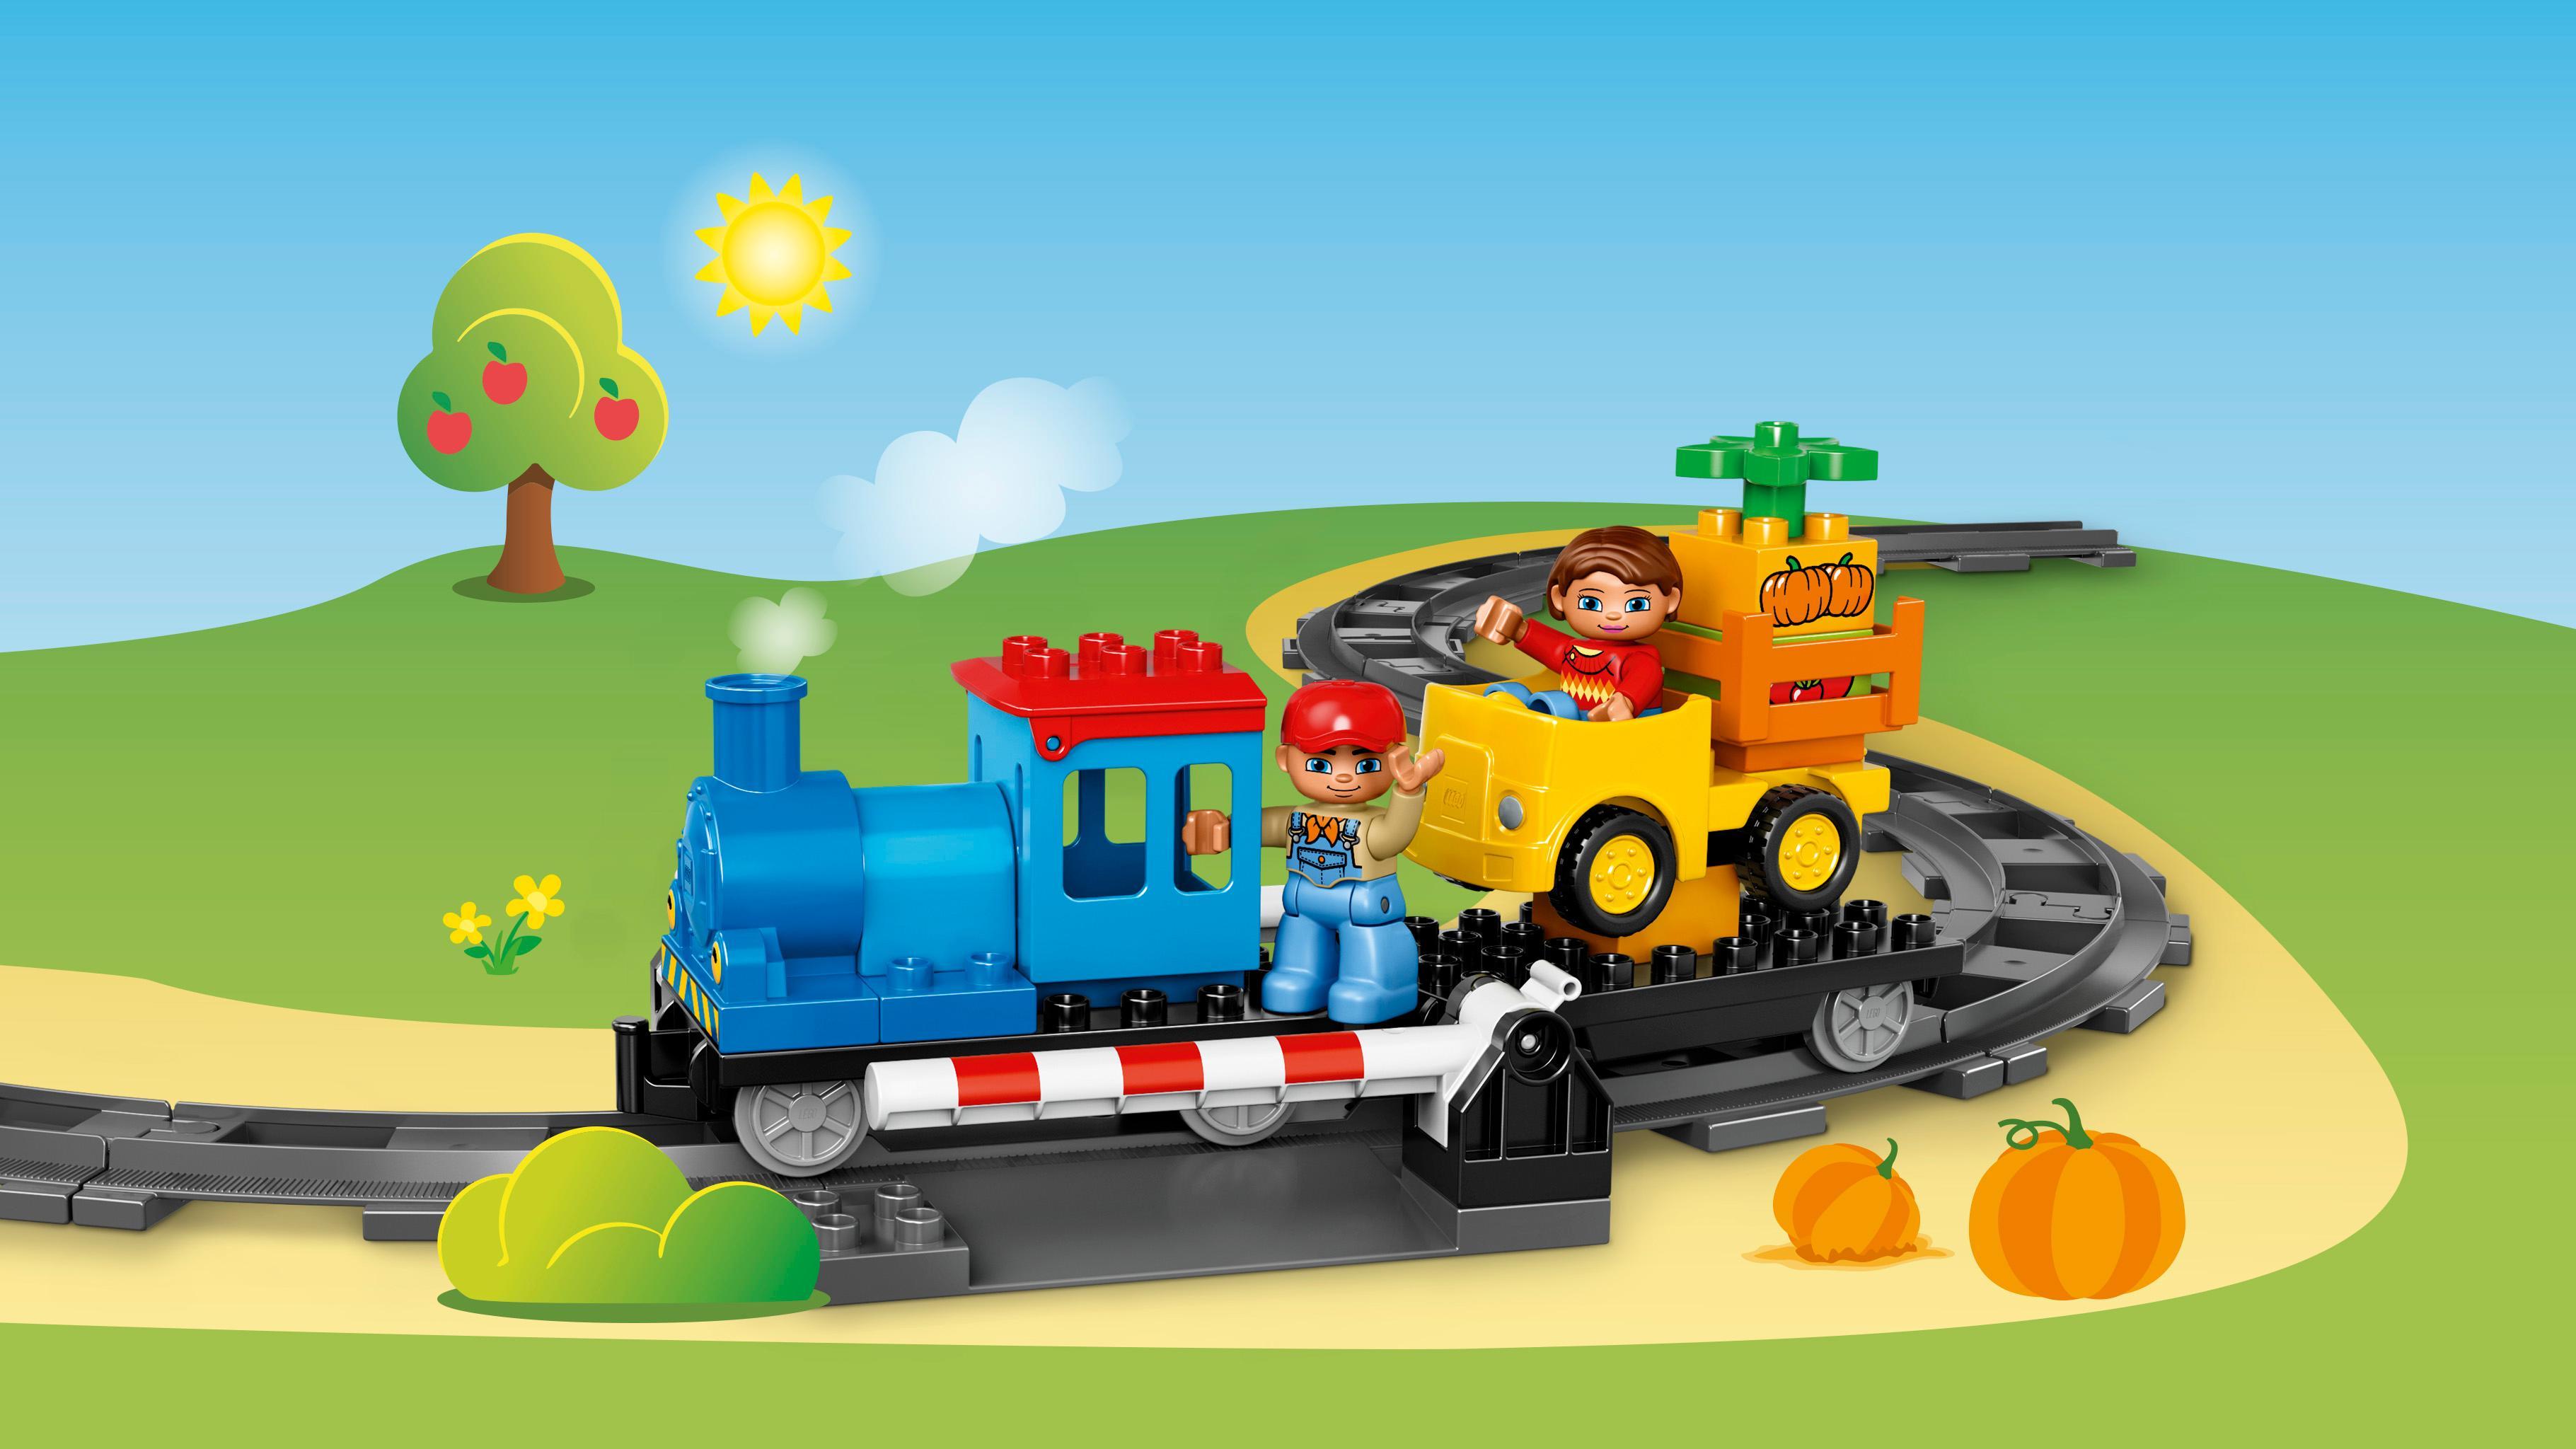 LEGO Duplo 10810 - Schiebezug, Zug Spielzeug: Amazon.de